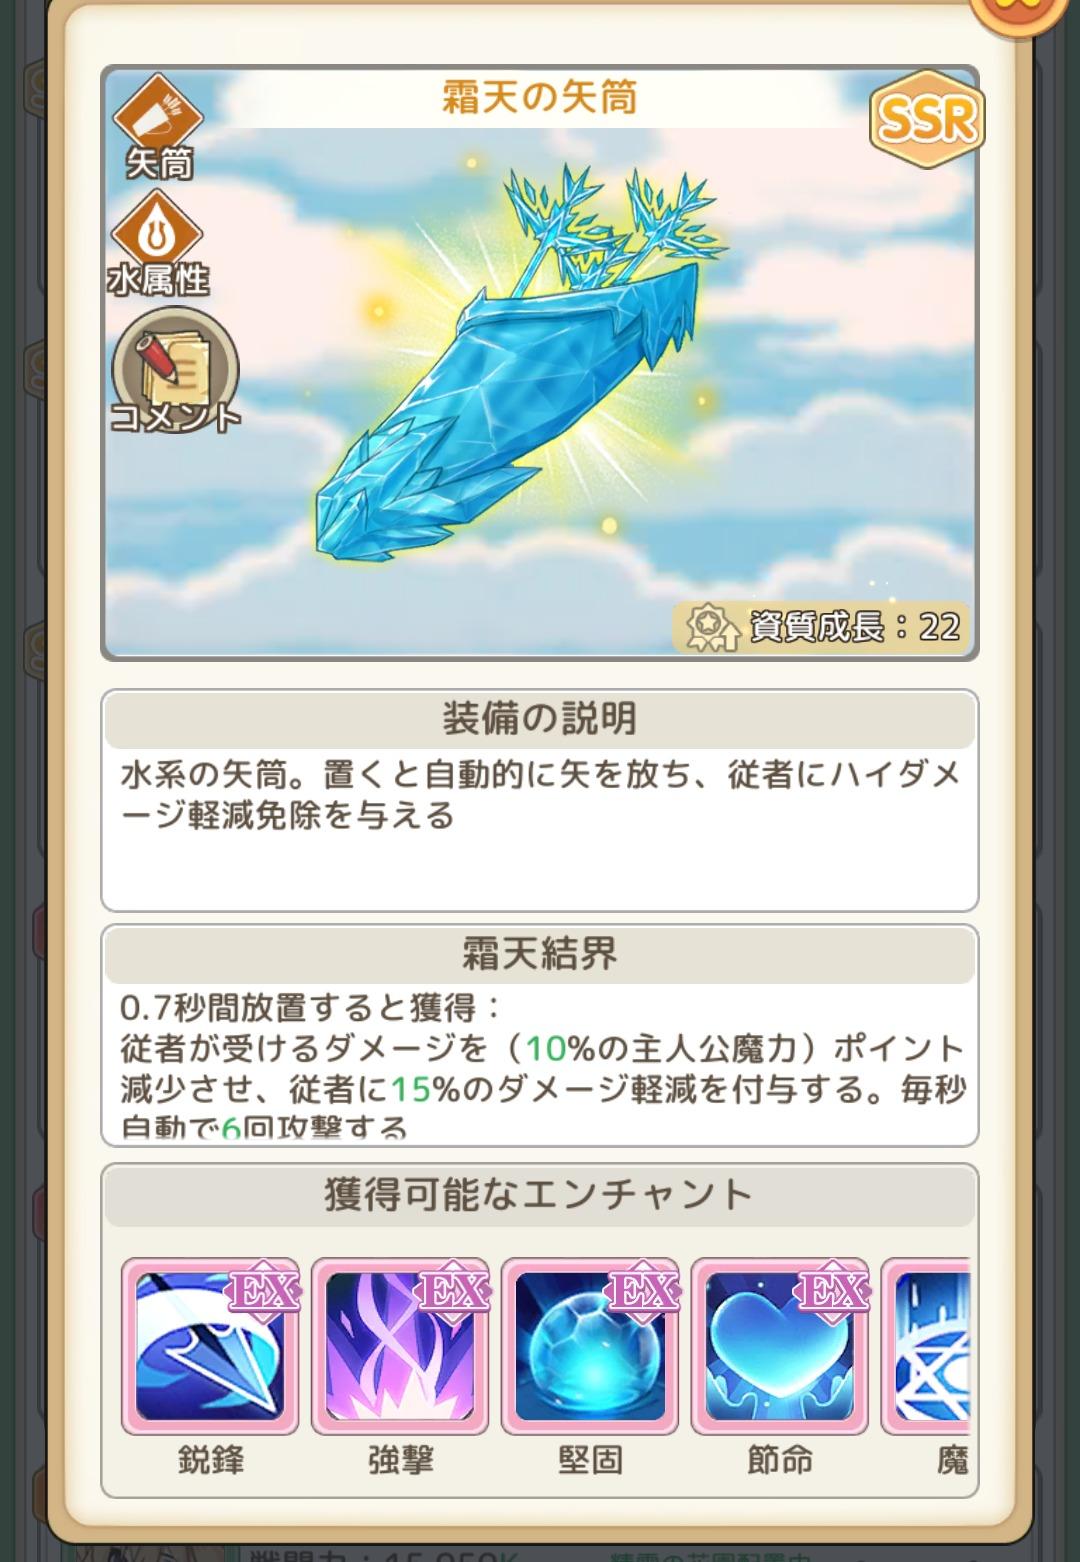 エースアーチャーの霜天の矢筒画像